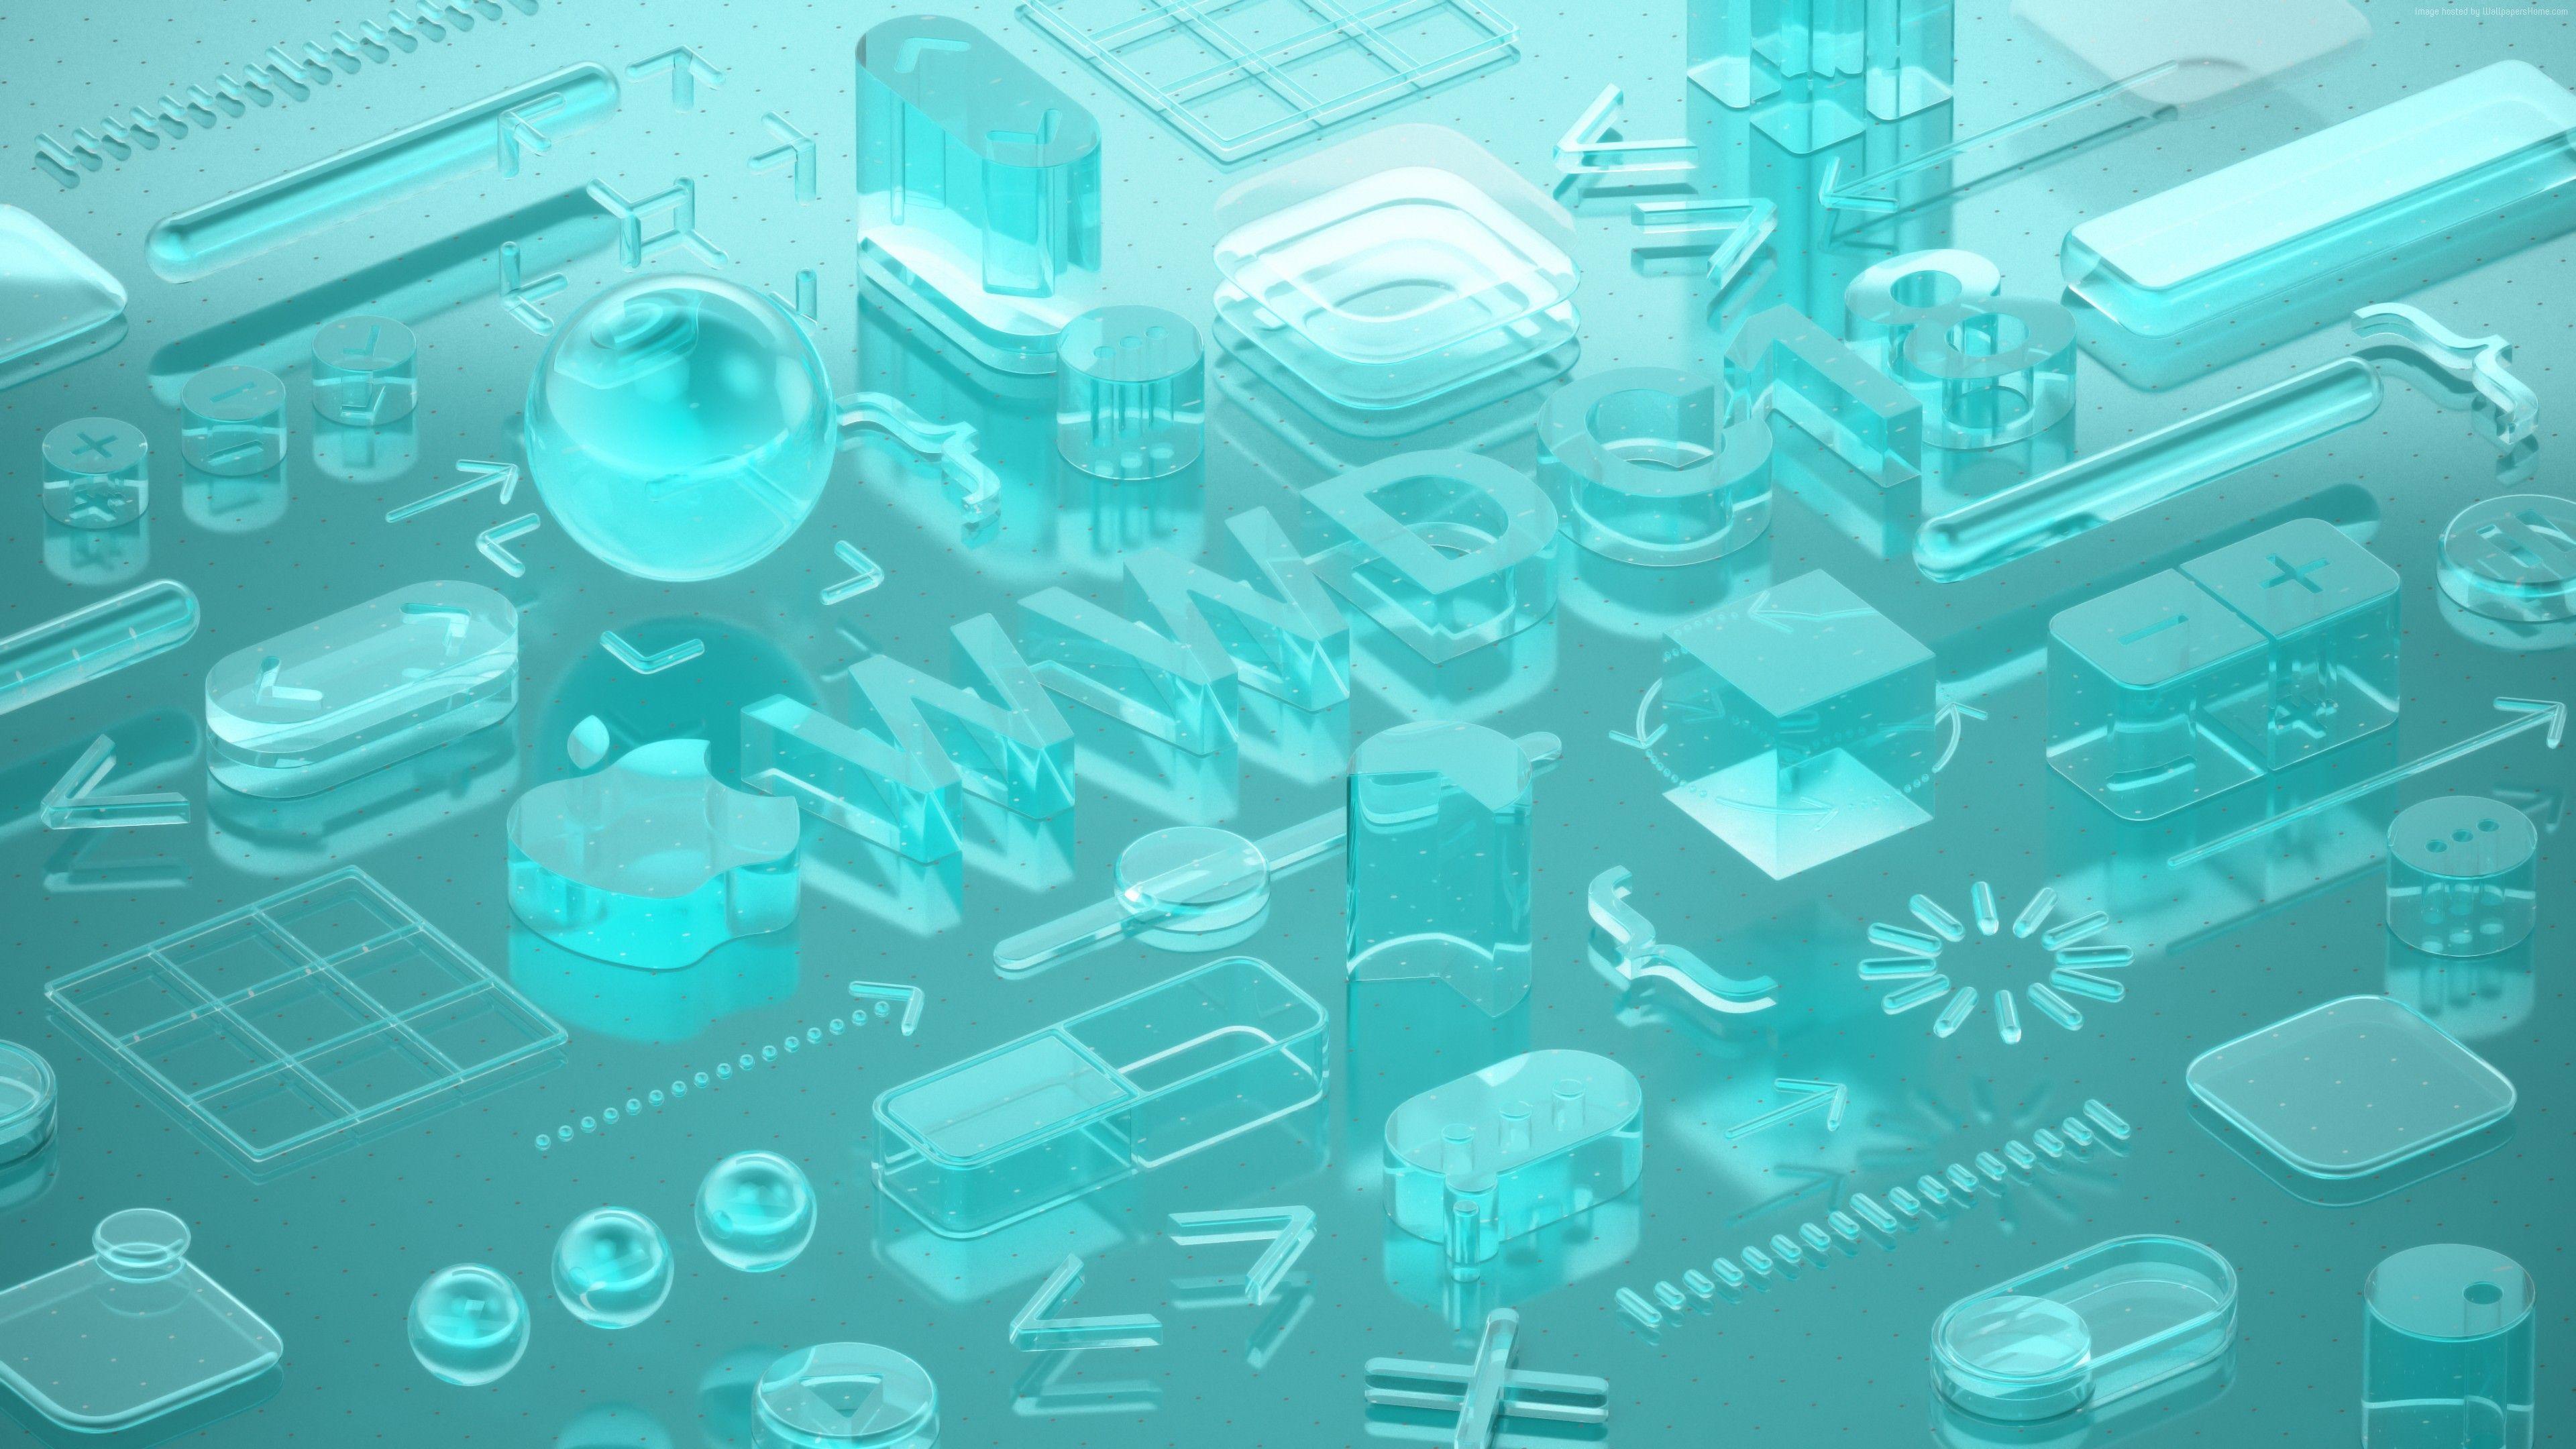 High-Tech 4K Wallpapers - Top Free High-Tech 4K Backgrounds - WallpaperAccess